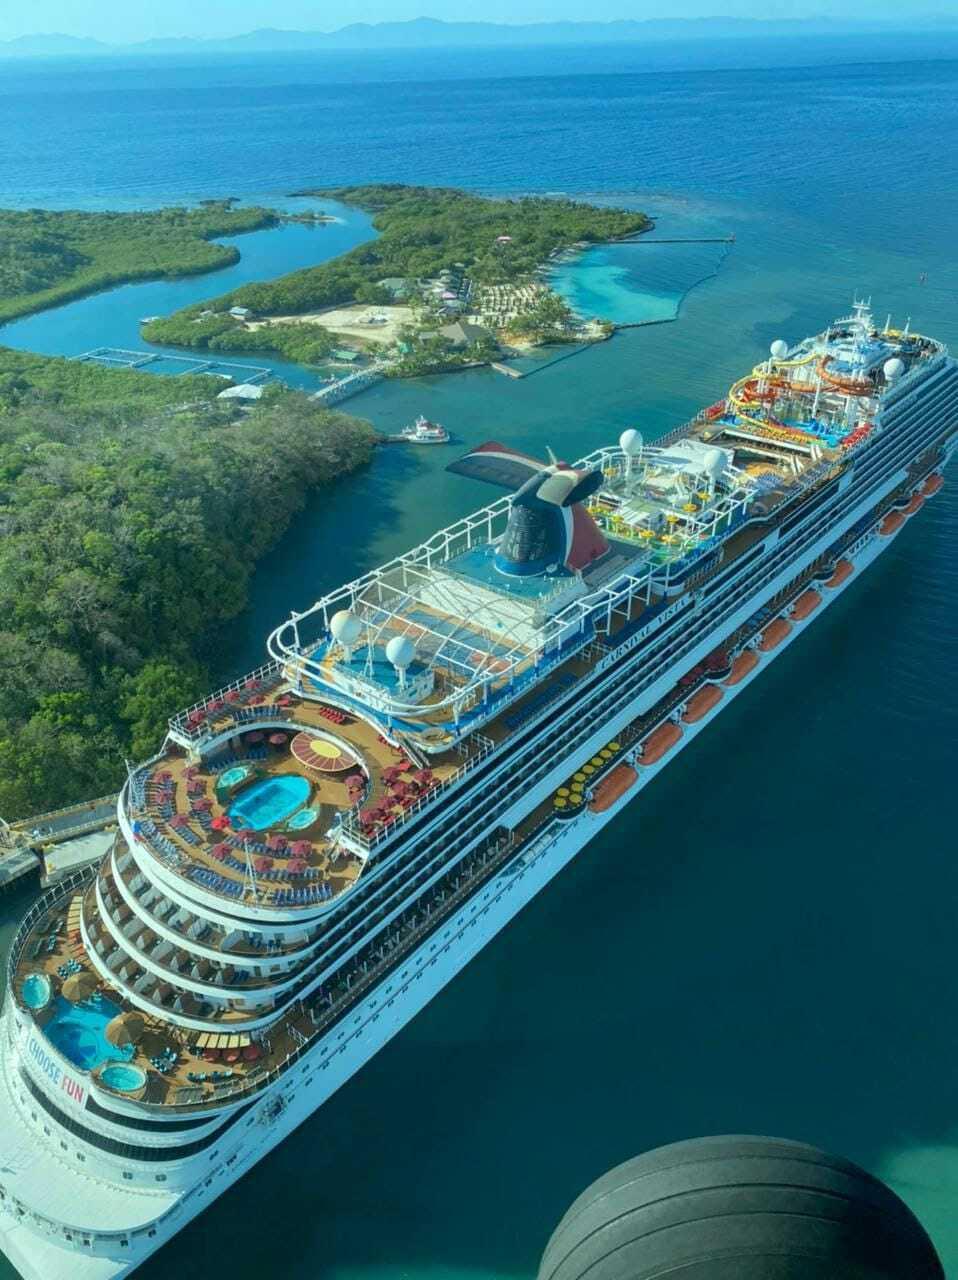 Reactivando la economía: Arriba a Roatán primer crucero con turistas post-Covid-19